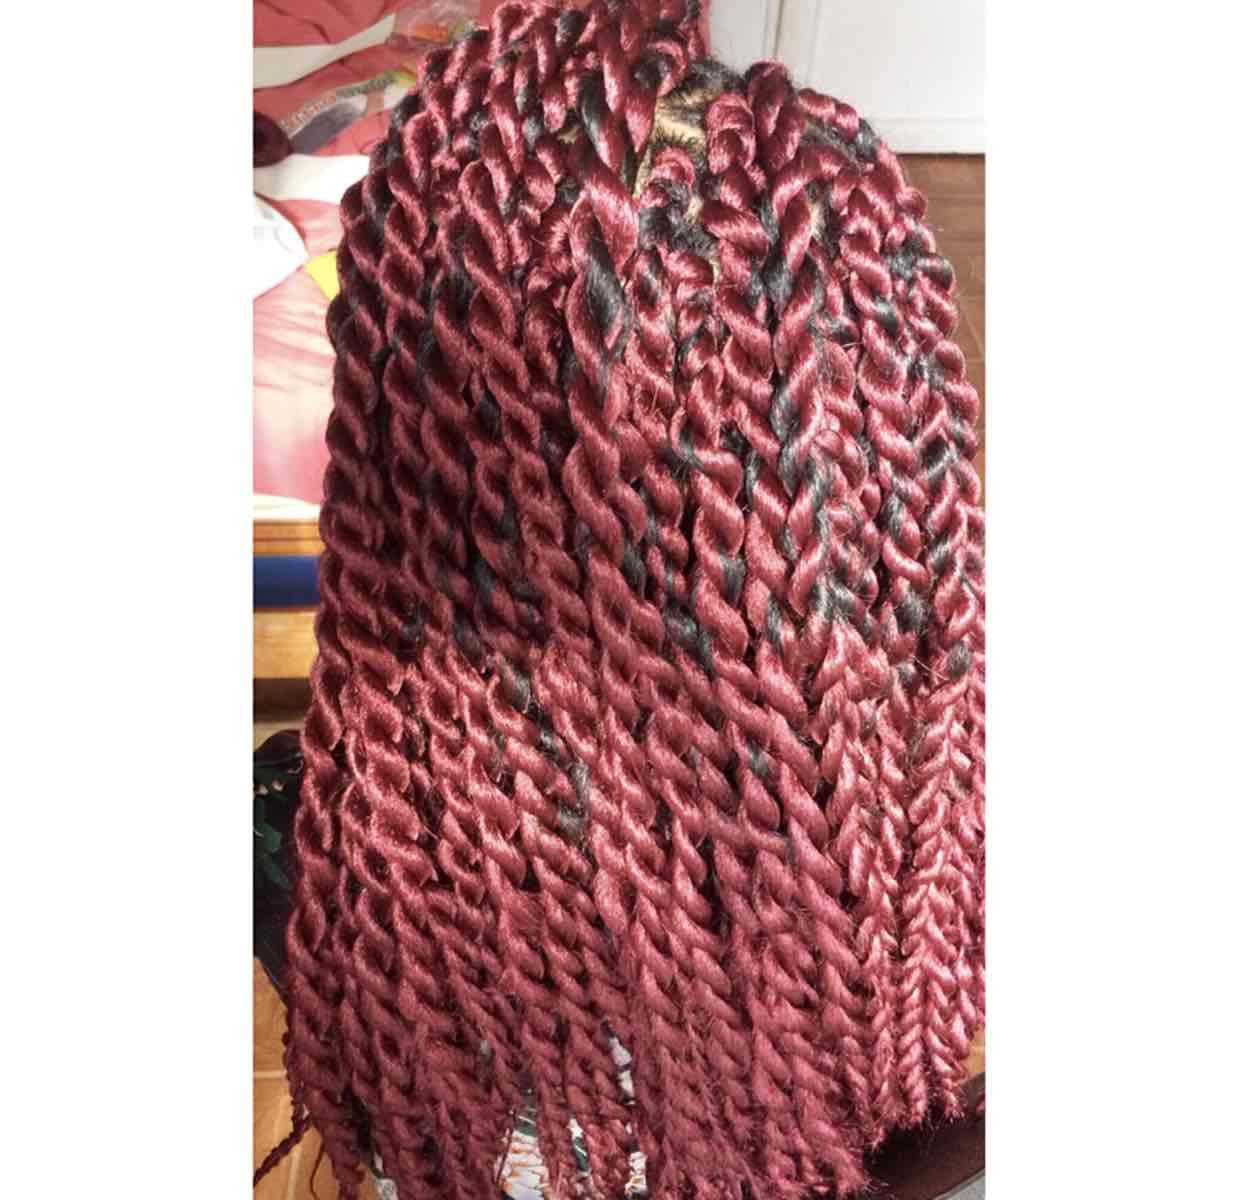 salon de coiffure afro tresse tresses box braids crochet braids vanilles tissages paris 75 77 78 91 92 93 94 95 EQWXNNOQ